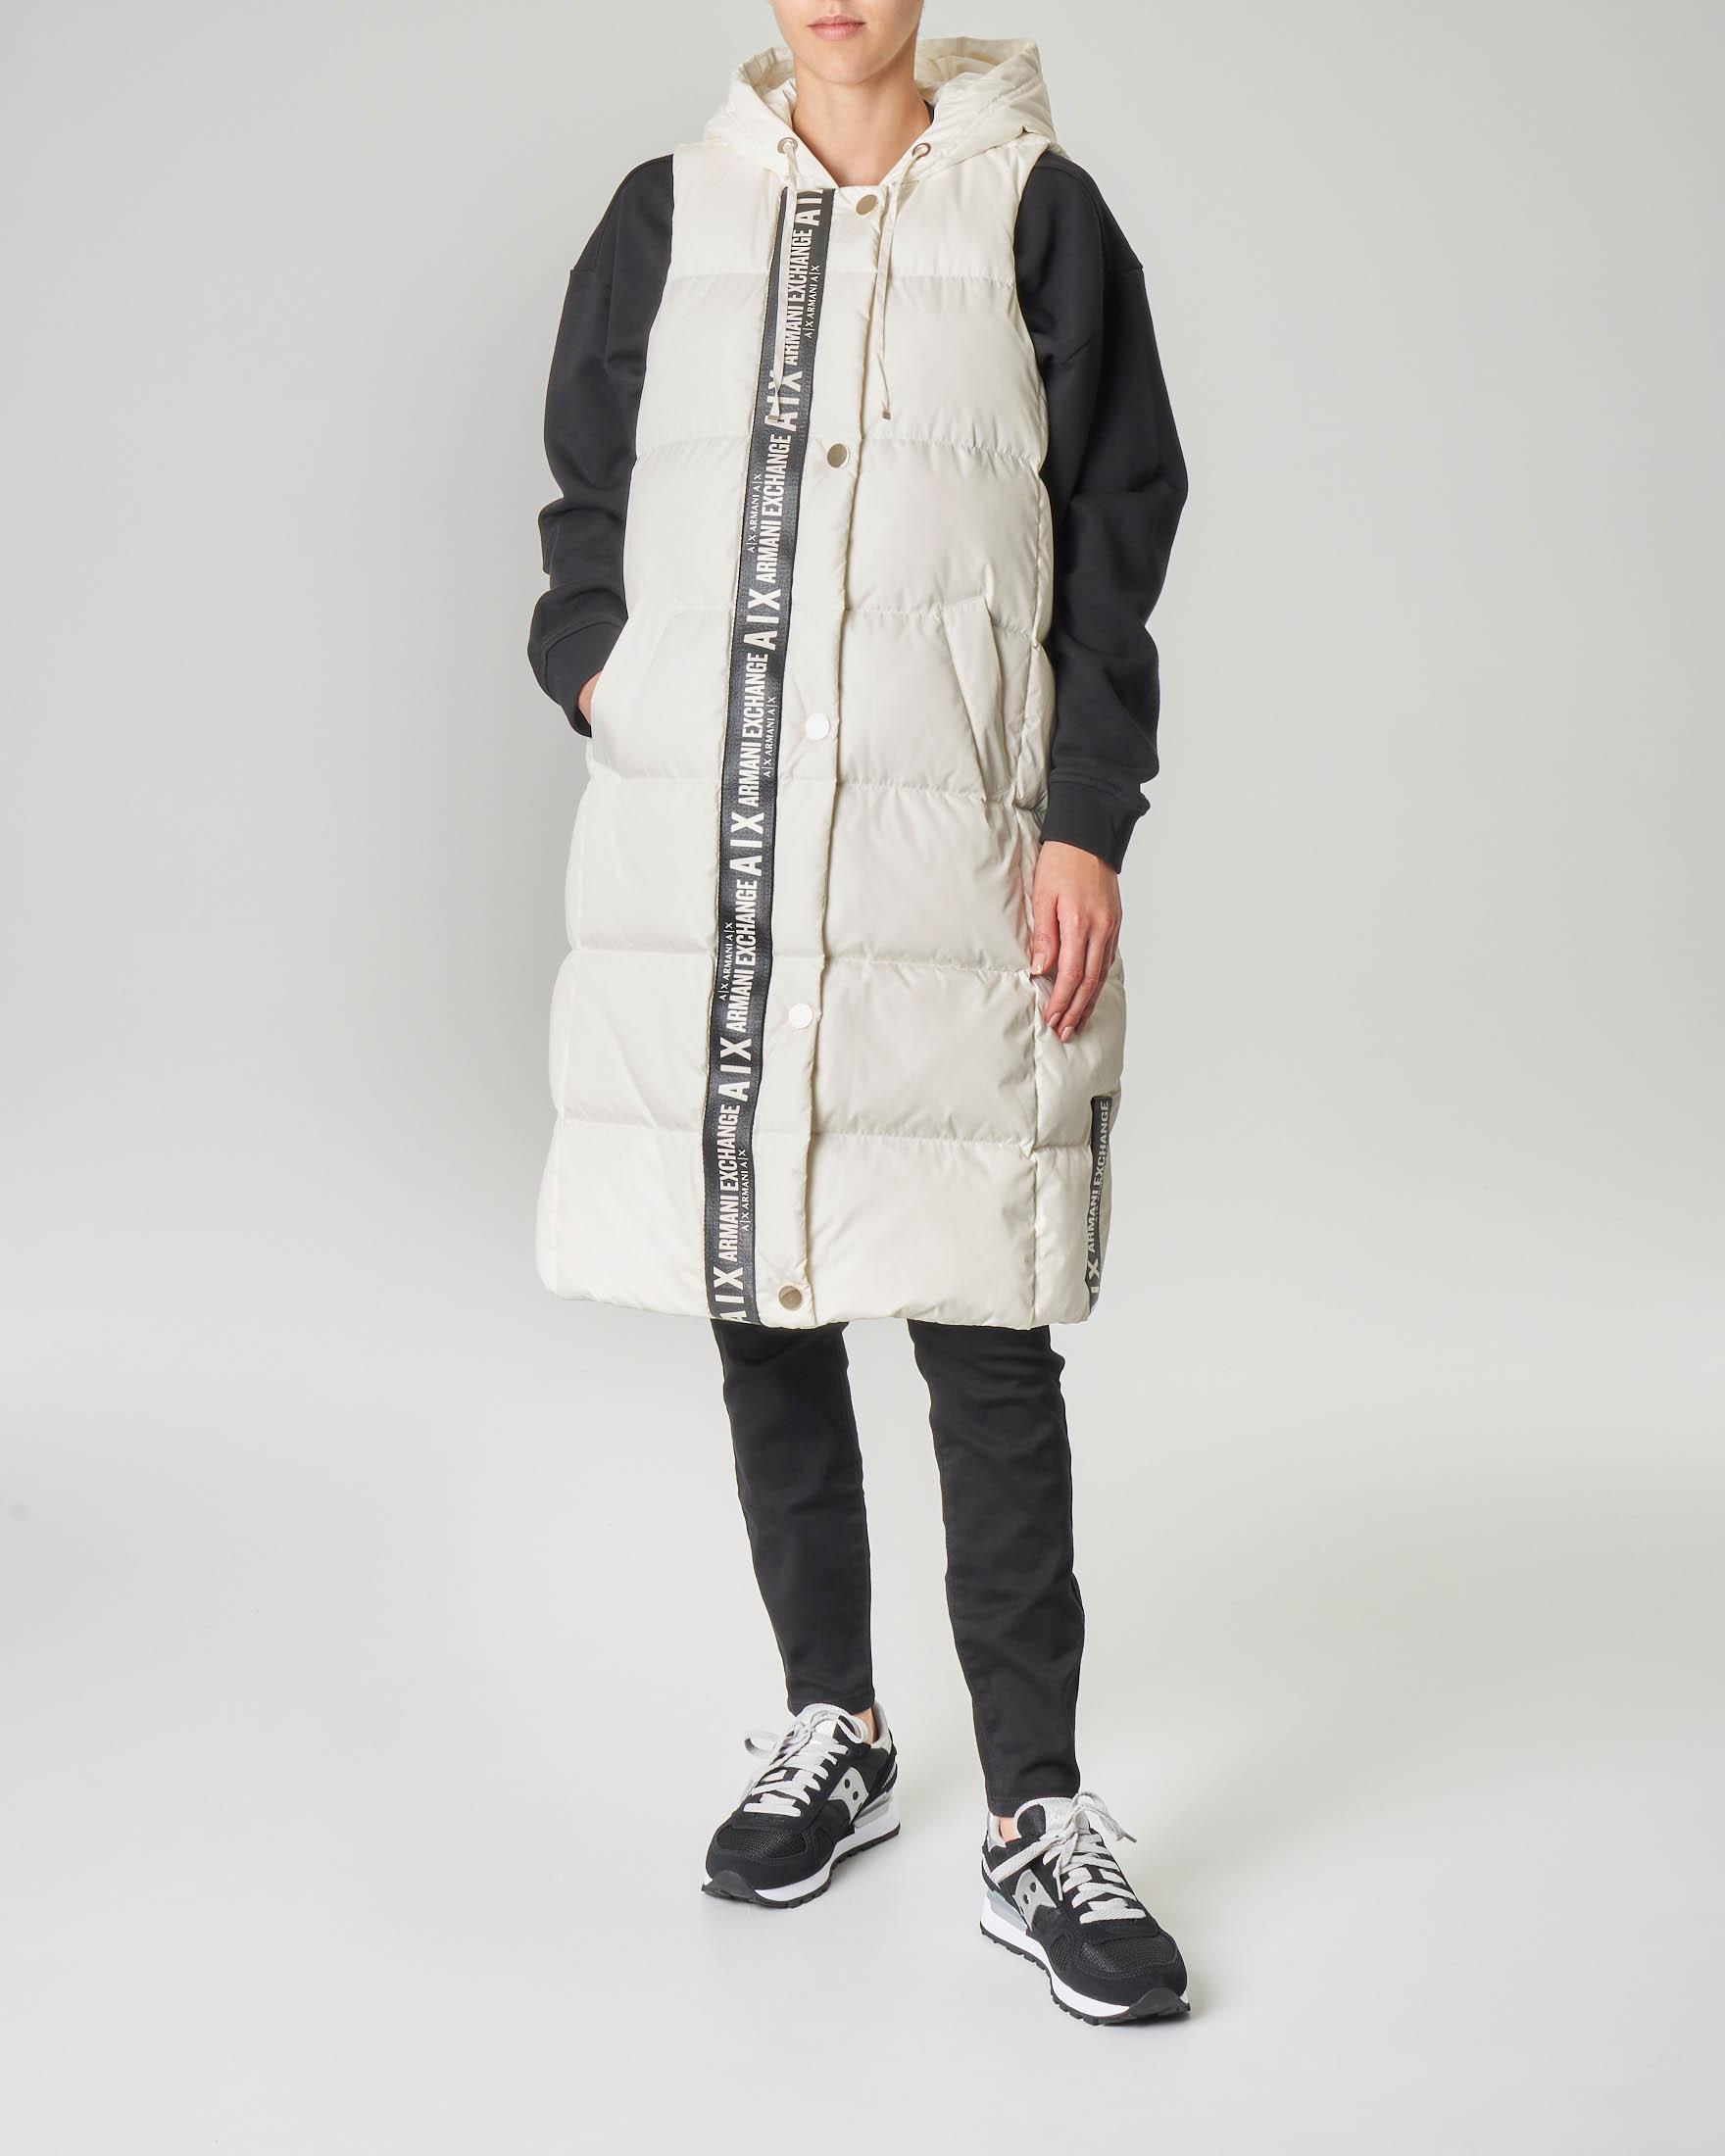 Maxi piumino bianco a gilet con cappuccio e banda a contrasto con logo